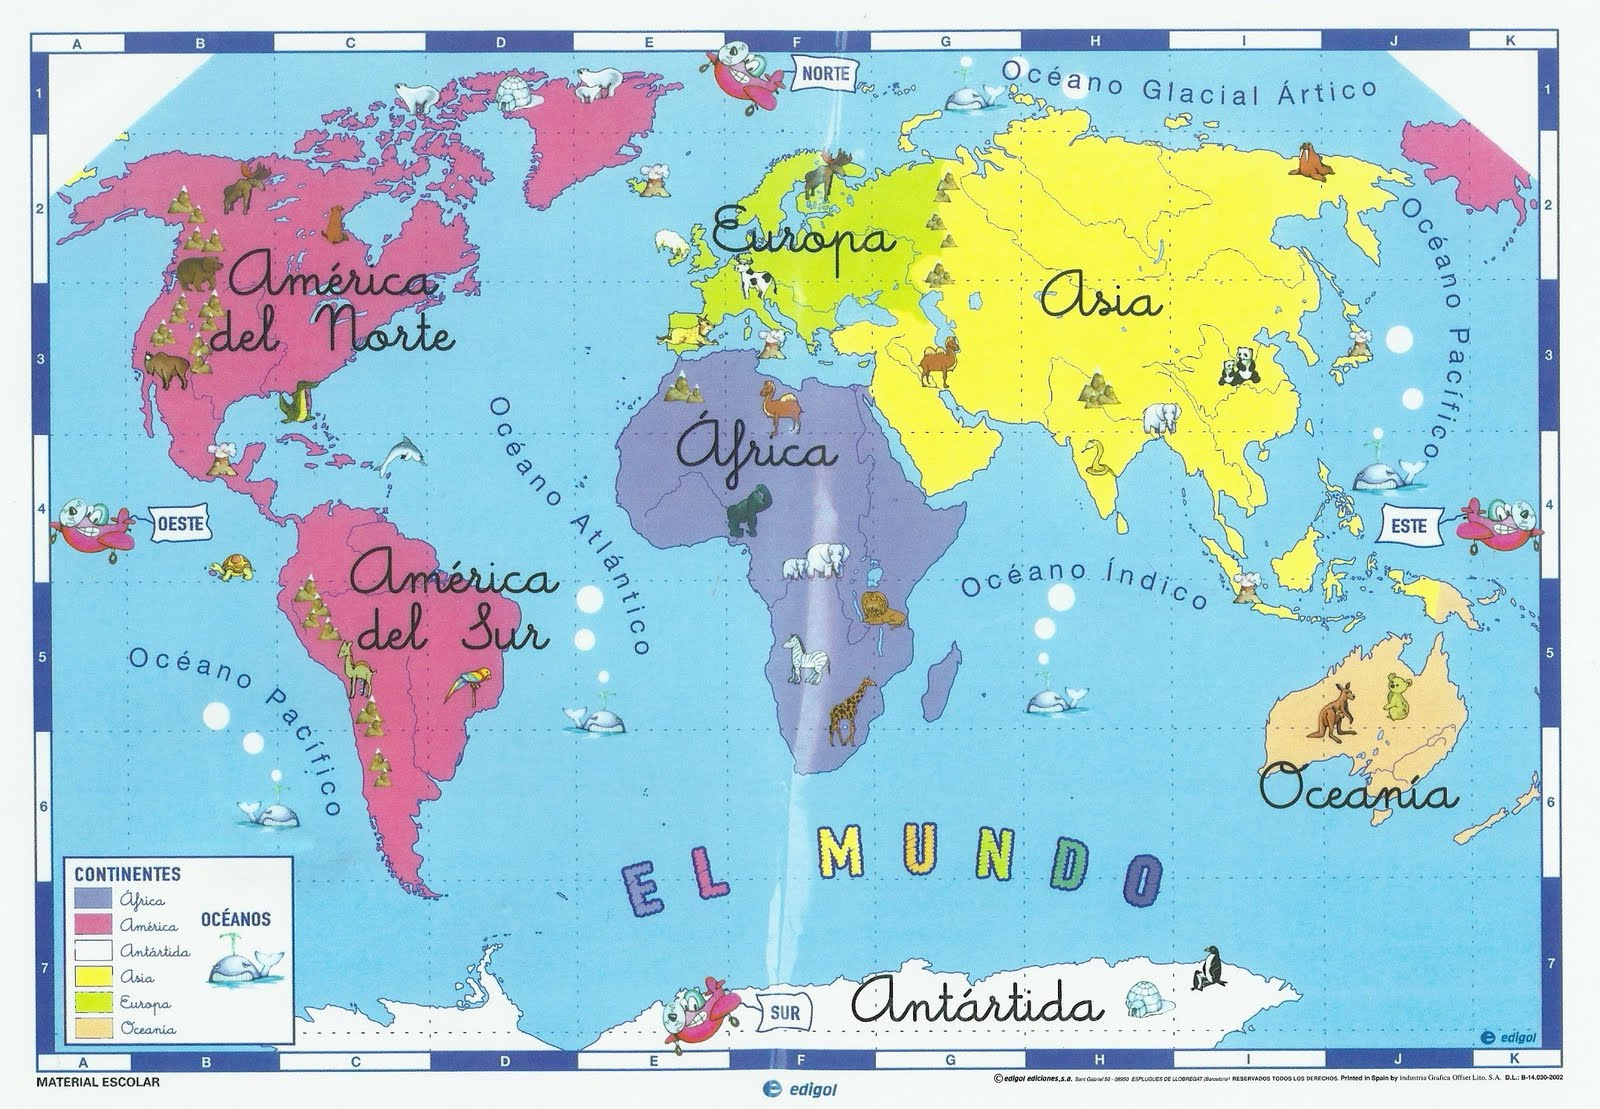 Continentes y Océanos.